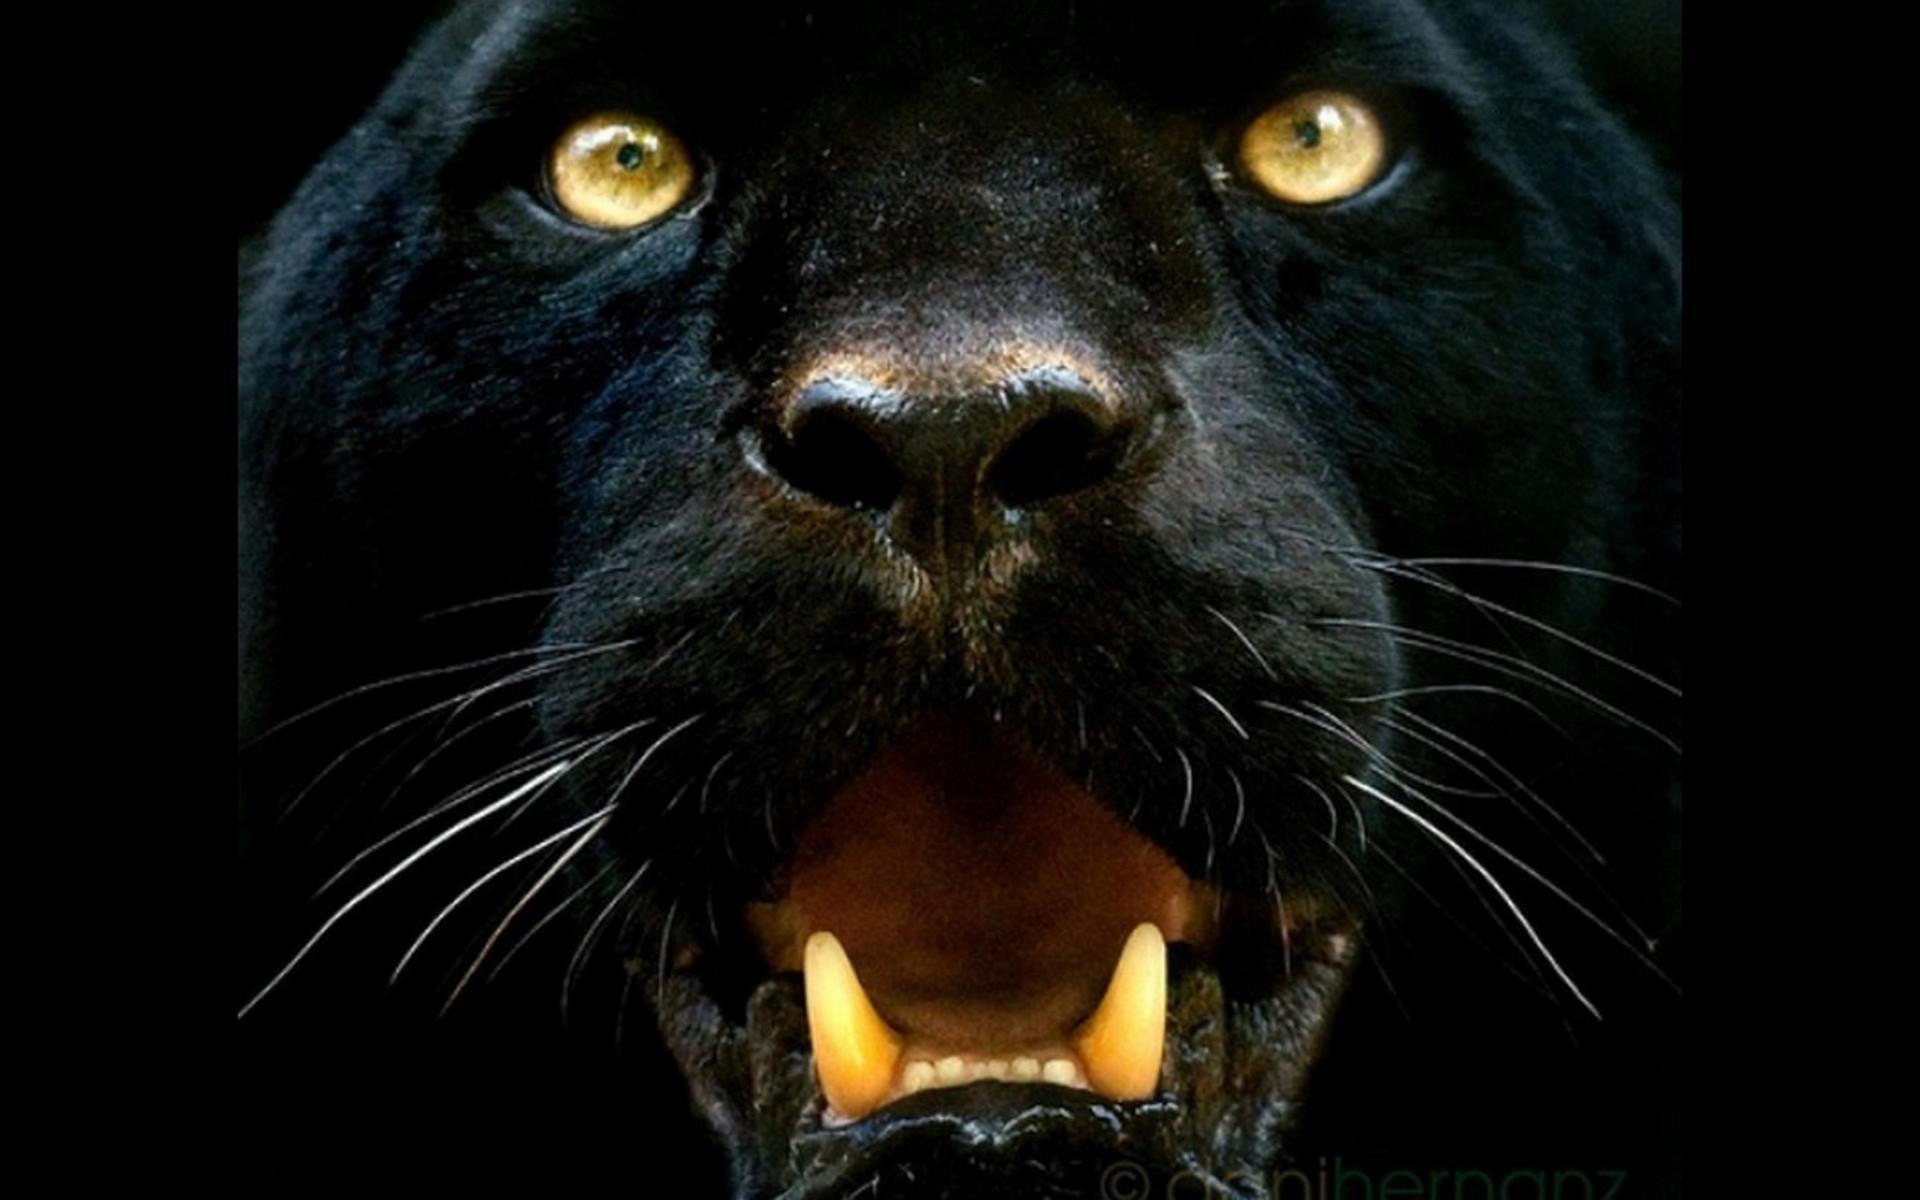 animal black panther wallpaper